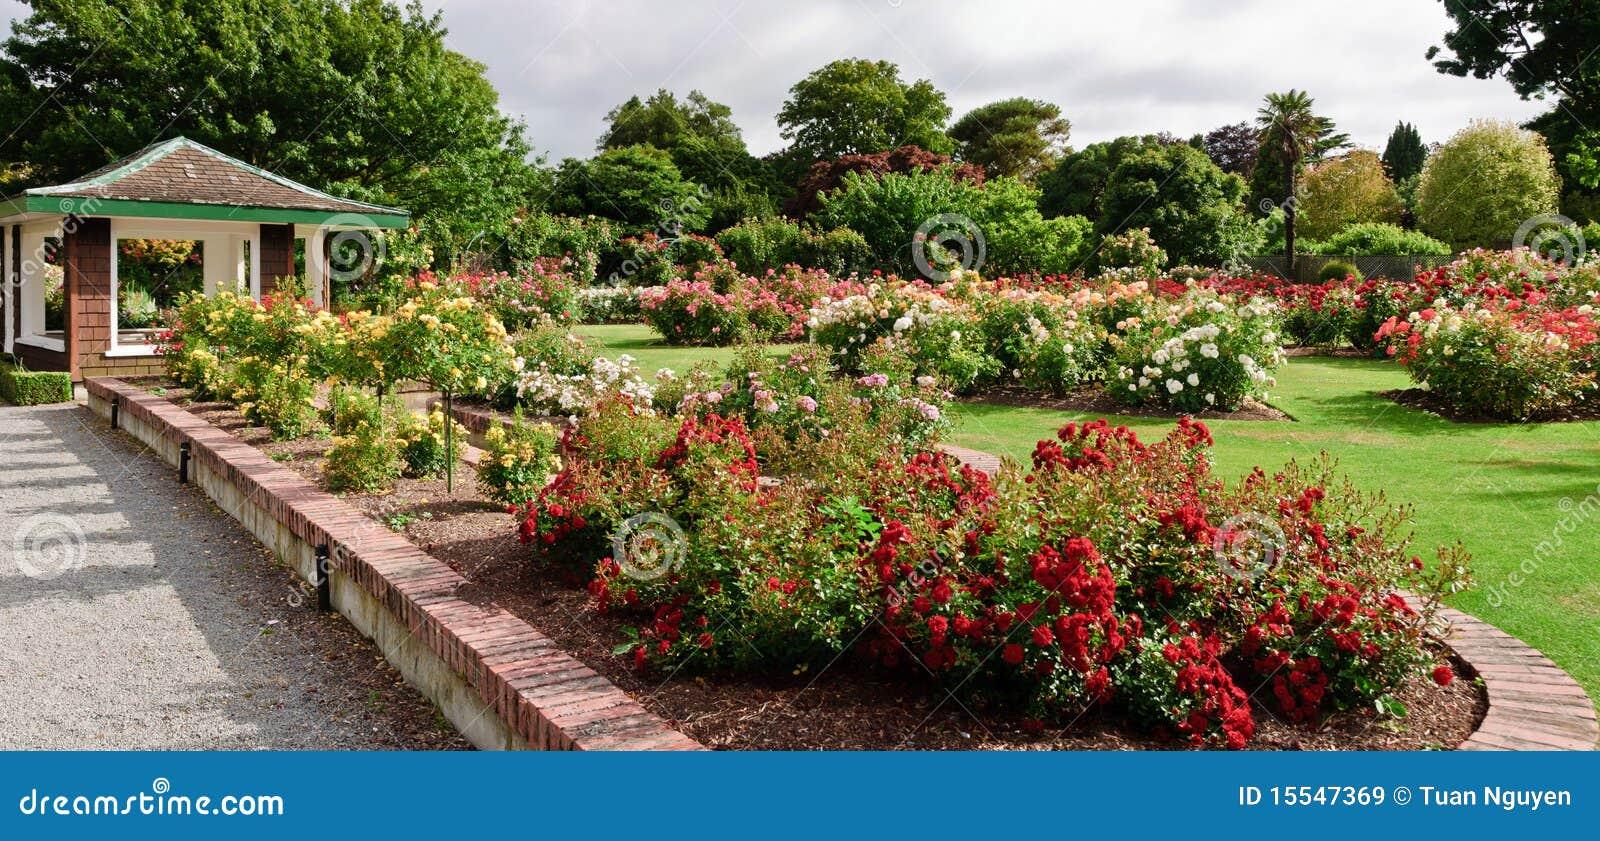 flores jardim de verao:Jardim de rosas na flor em um dia de verão glorioso em Christchurch